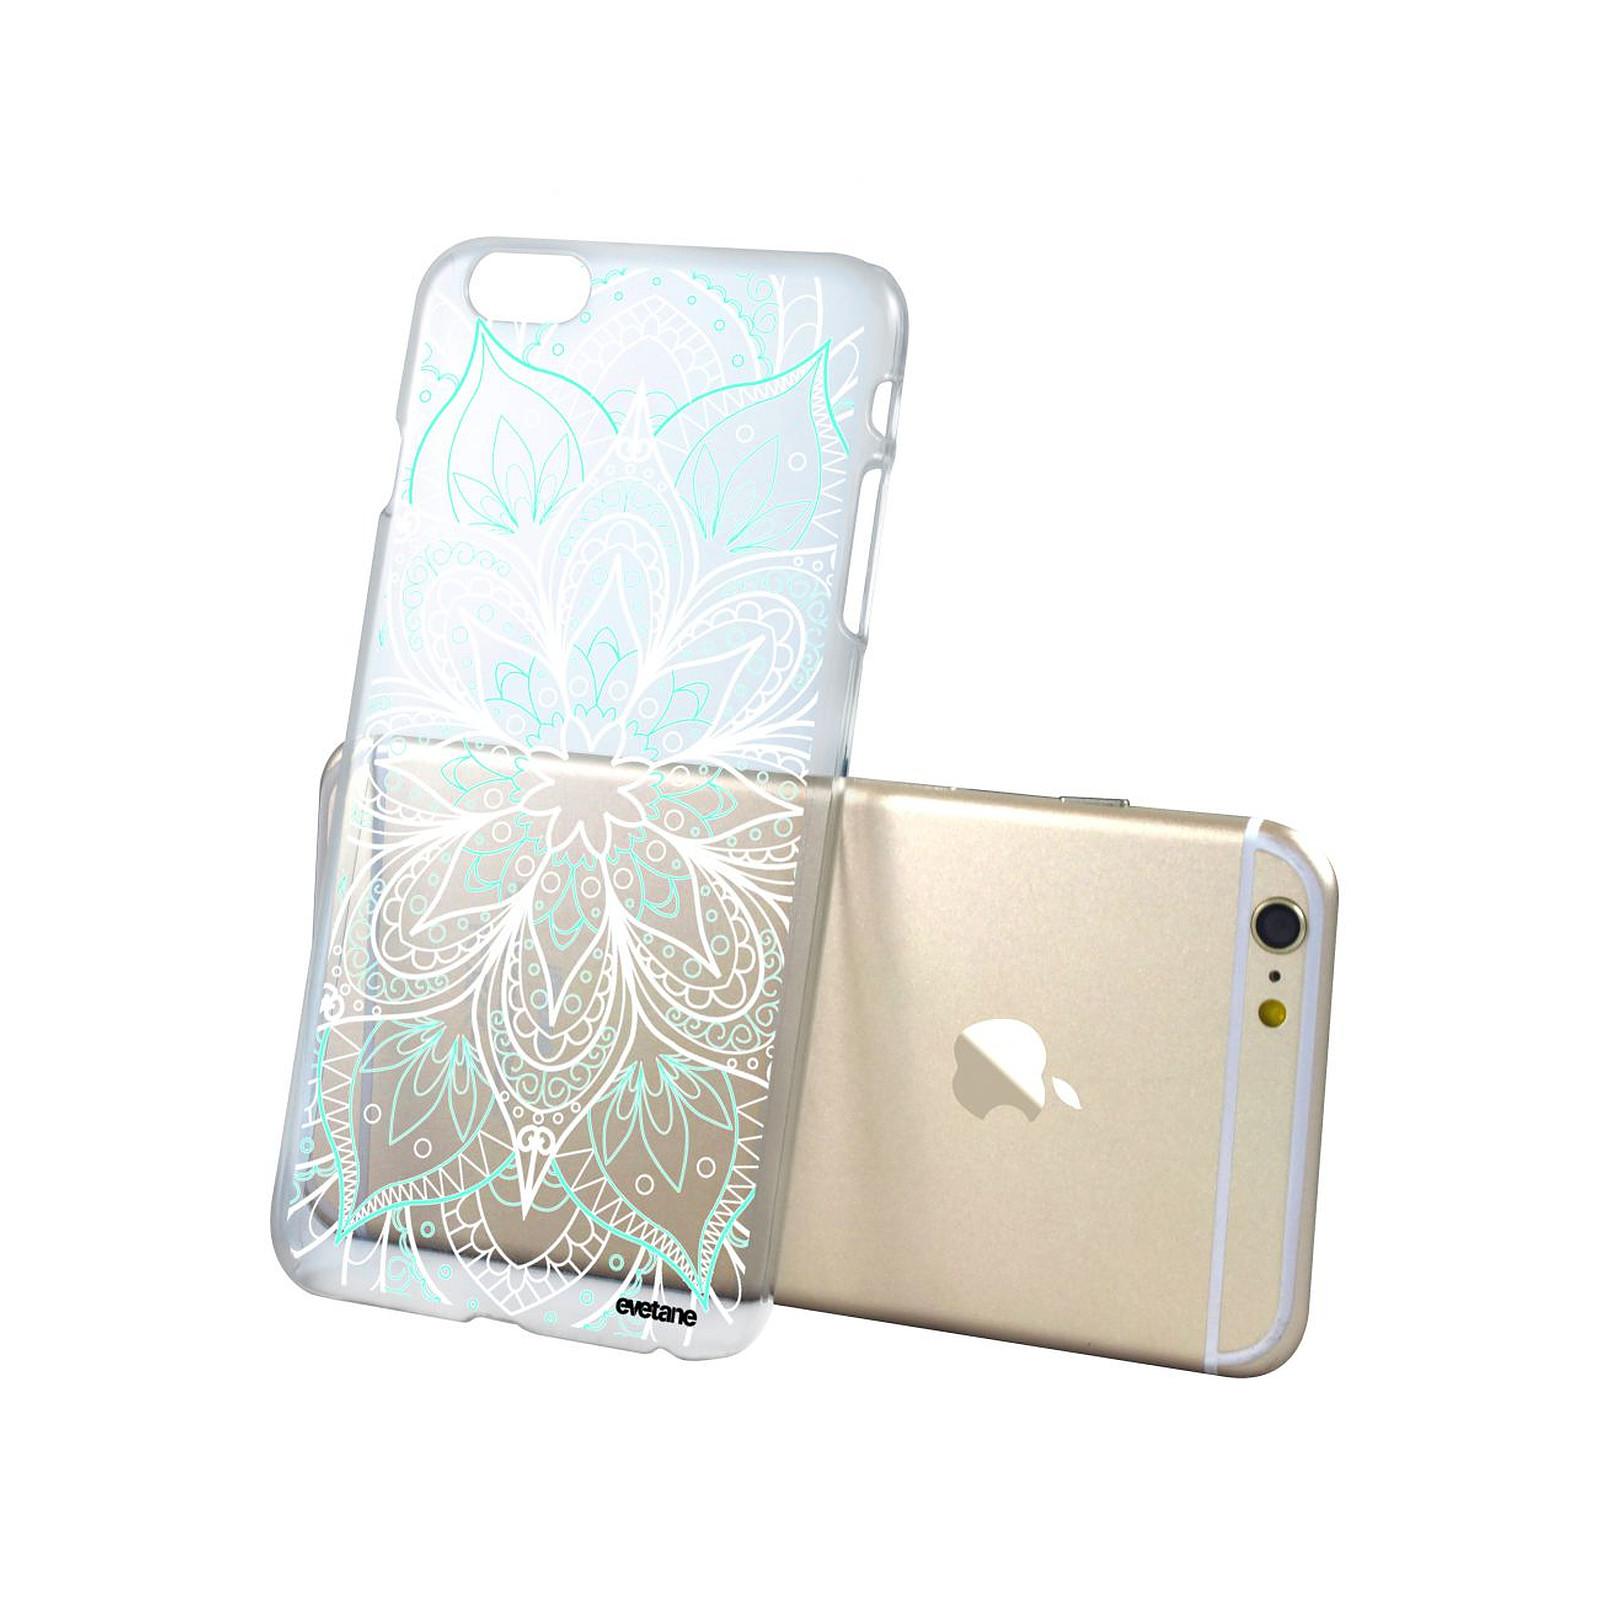 evetane coque iphone 6 6s rigide transparente mandala turquoise